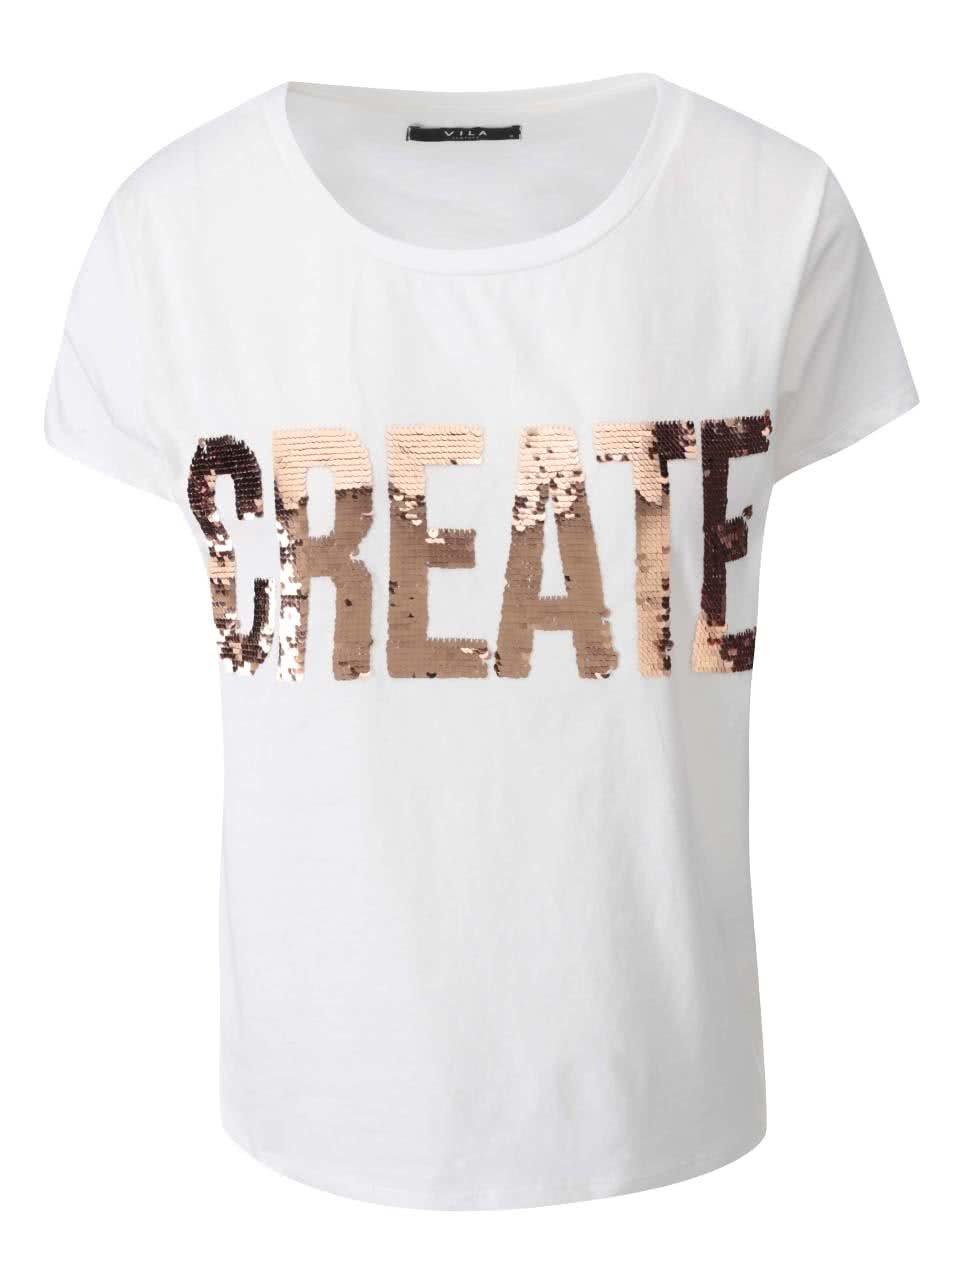 19f8634654bf Bílé tričko s nápisem VILA Create